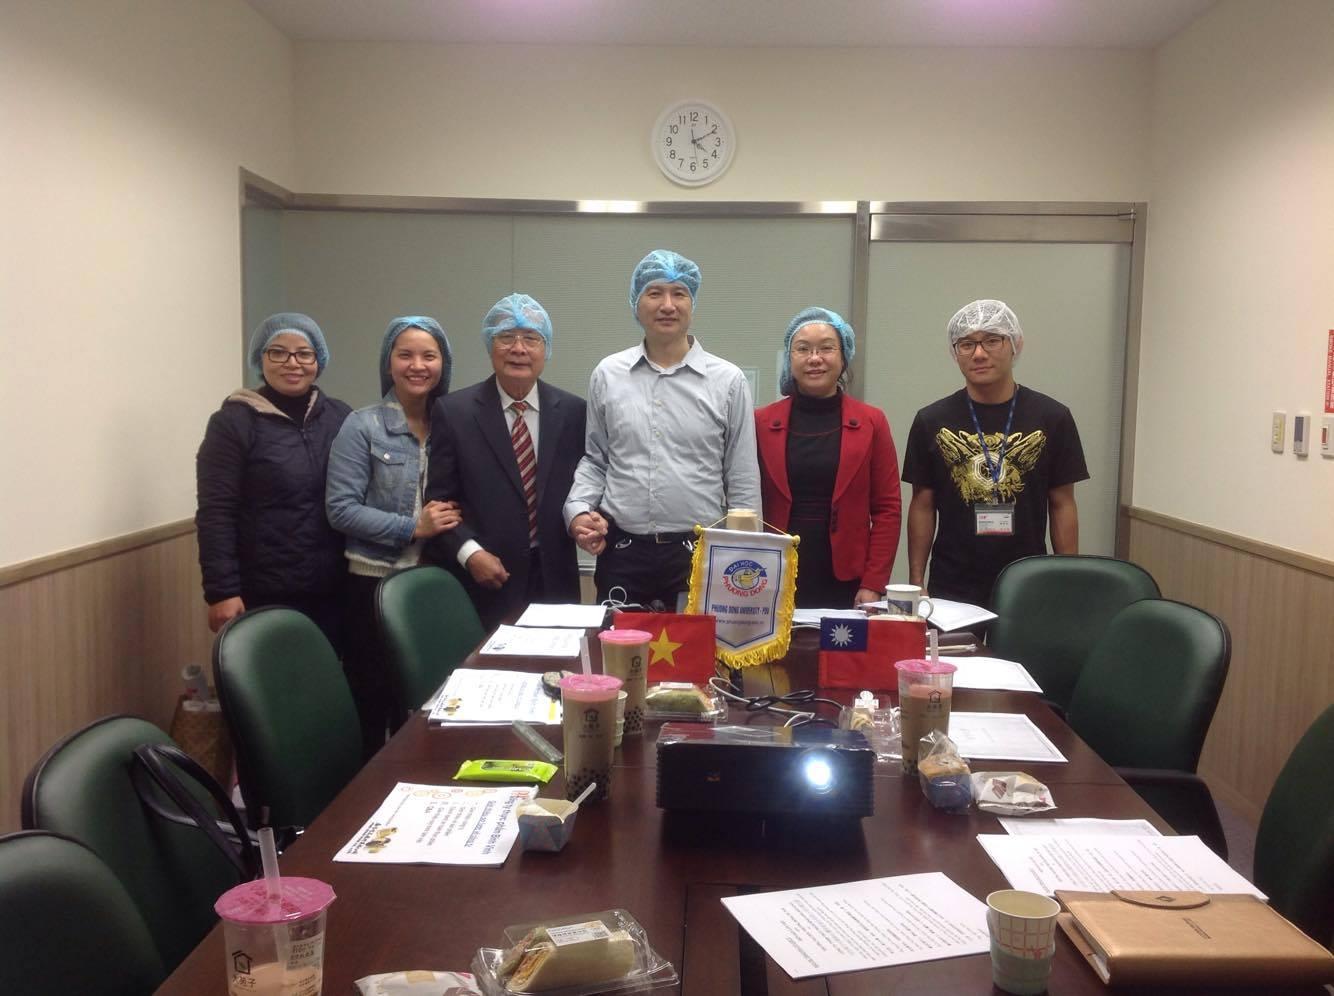 (CNSH)-Báo cáo về tình hình thực tập của sinh viên Khoa CNSH tại Đài Loan